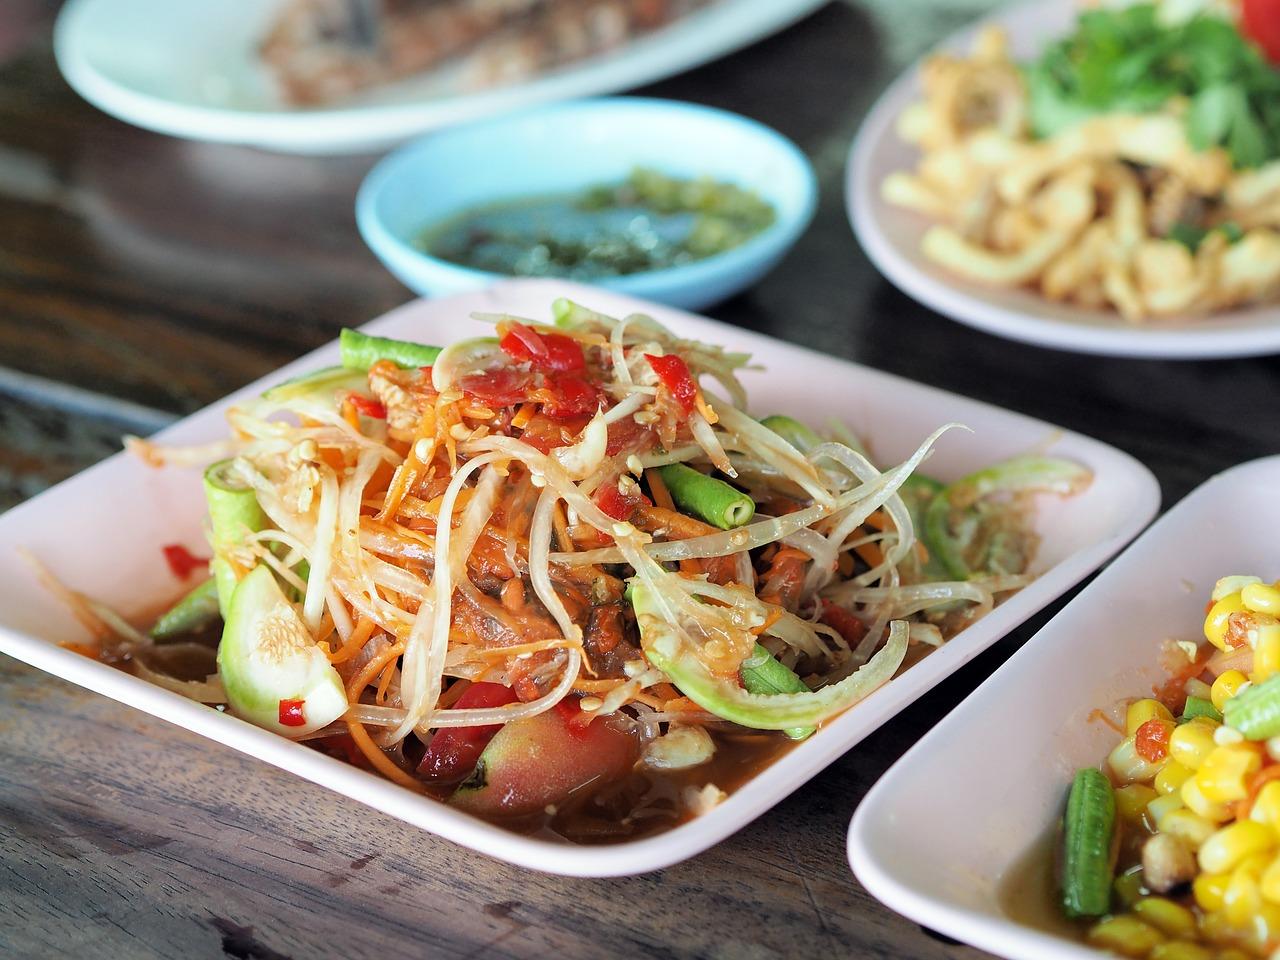 อาหารอีสาน อาหารภาคอีสาน เมนูอาหารอีสาน อาหารไทยภาคอีสาน